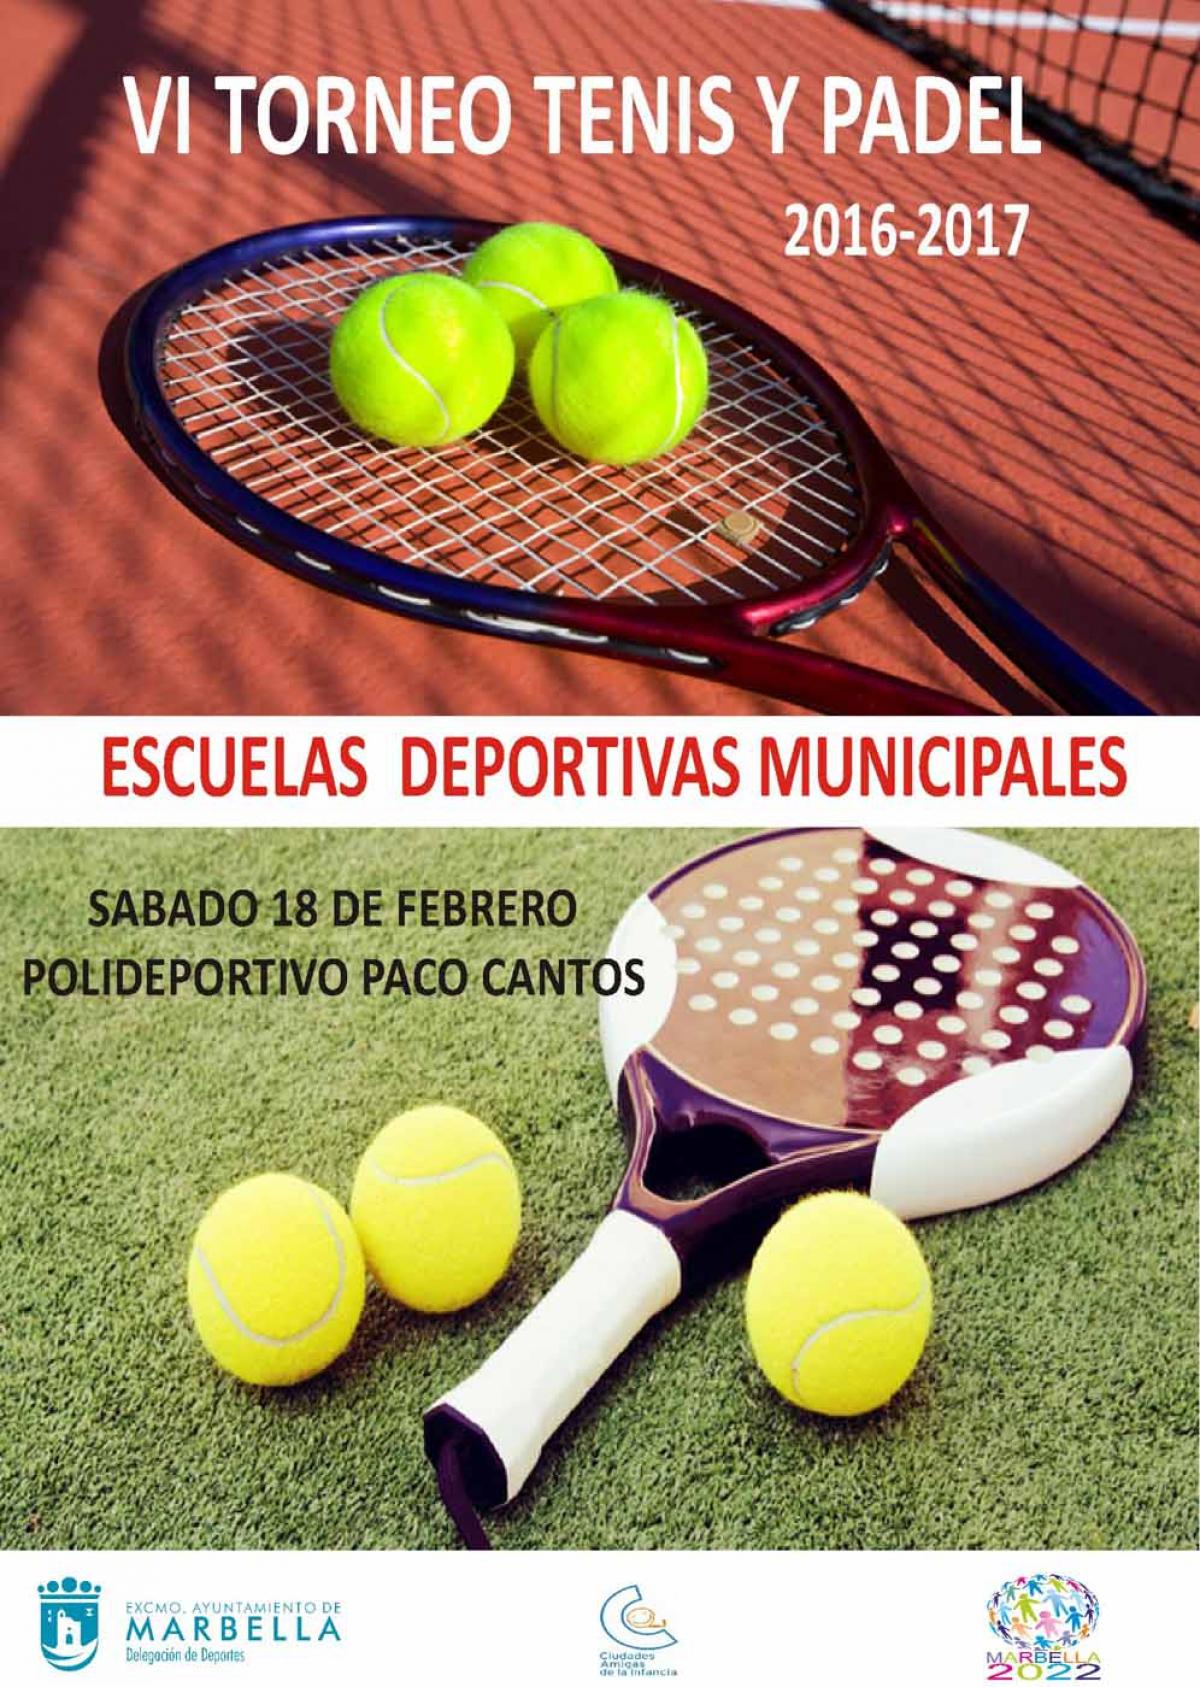 Este sábado se celebra en el Polideportivo Paco Cantos el VI Torneo de Tenis y Pádel de las Escuelas Deportivas Municipales